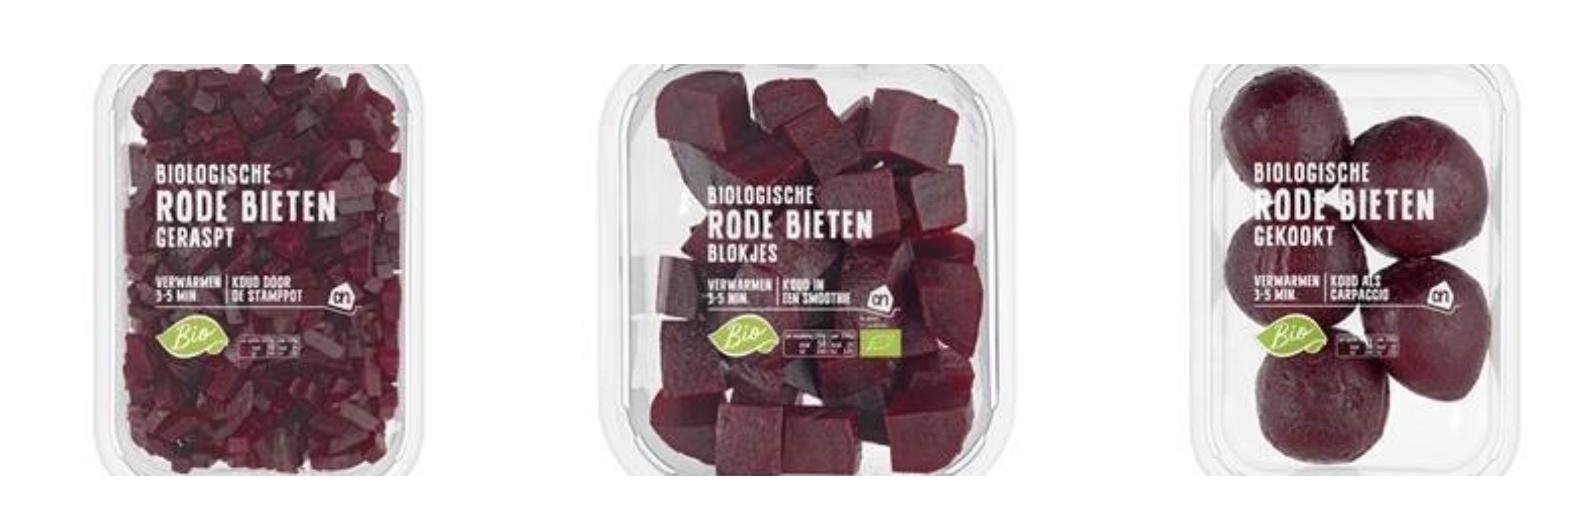 Biologische rode bietjes Albert Heijn